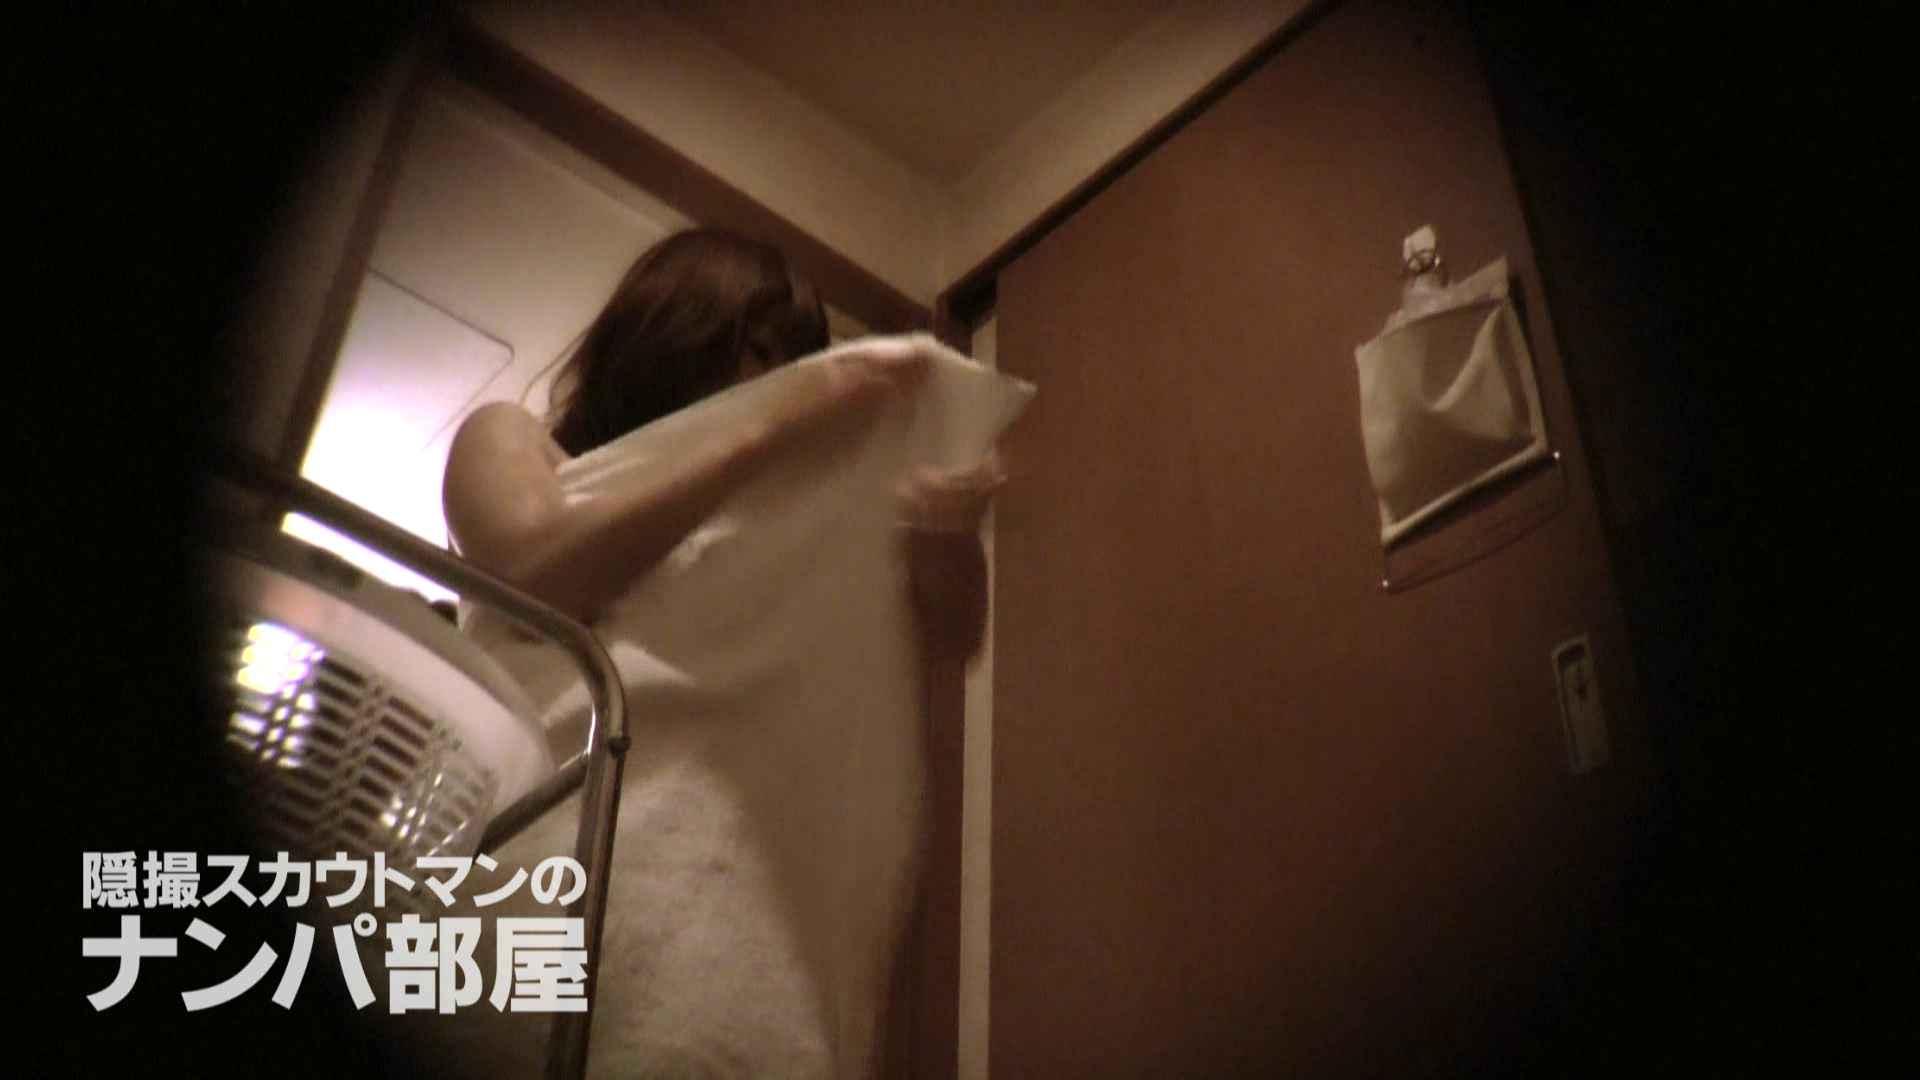 隠撮スカウトマンのナンパ部屋~風俗デビュー前のつまみ食い~ sii 隠撮   脱衣所  67pic 31